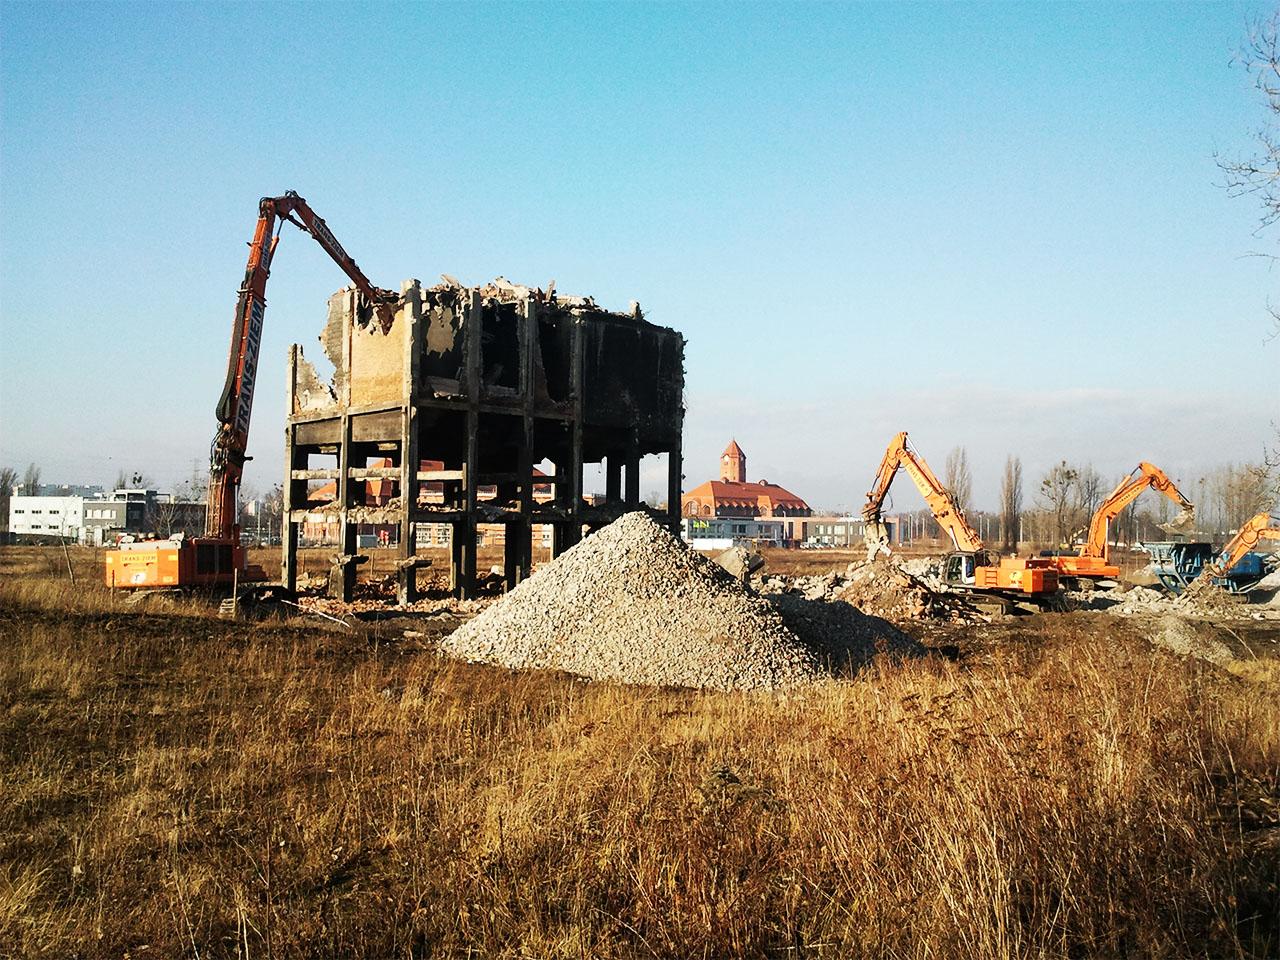 Rozbiórka maszynowa budynku sortowni